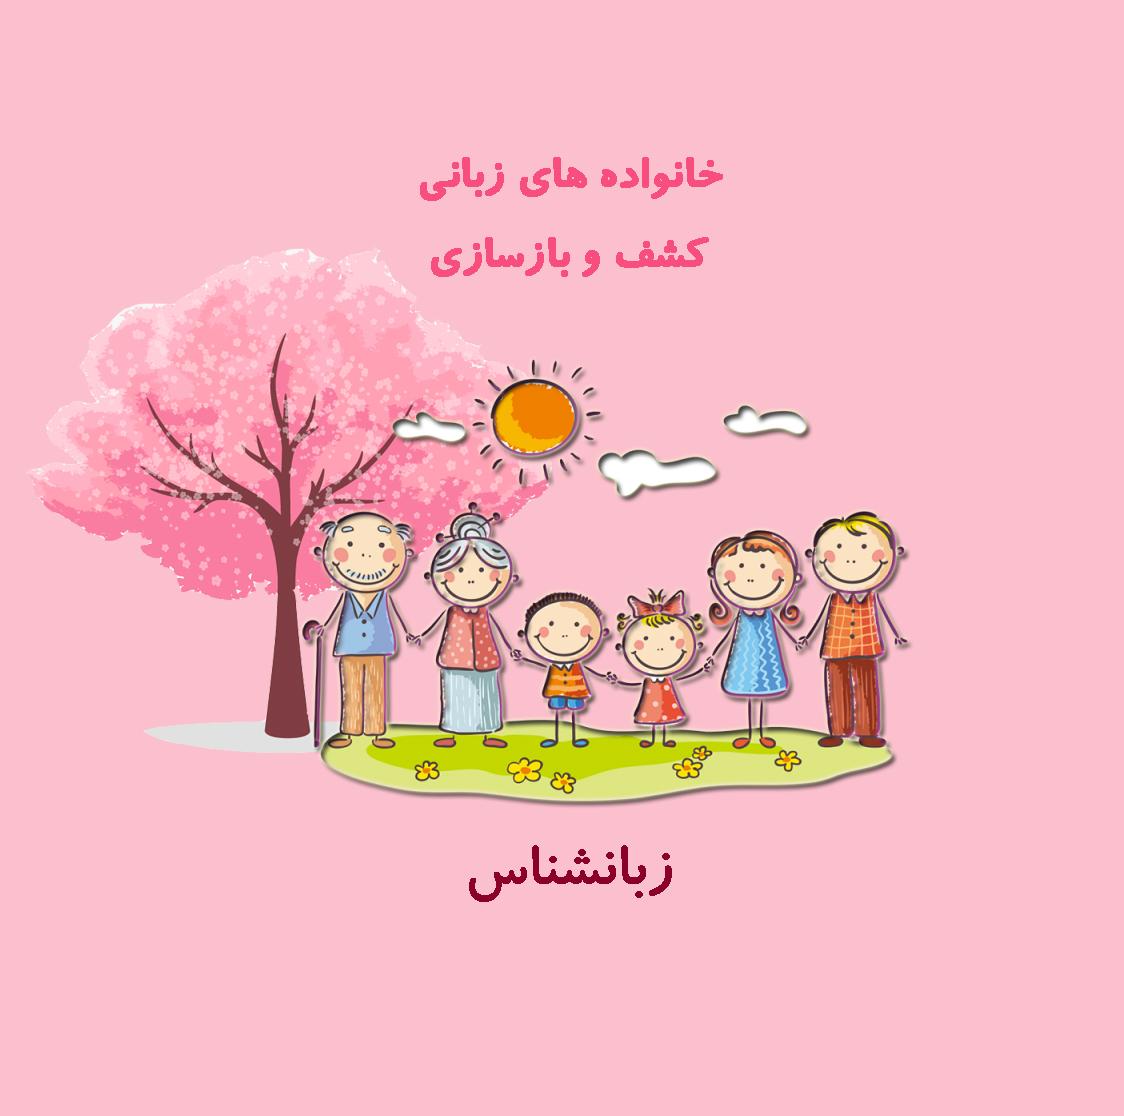 دو: خانواده های زبانی، بخش اول کشف و بازسازی